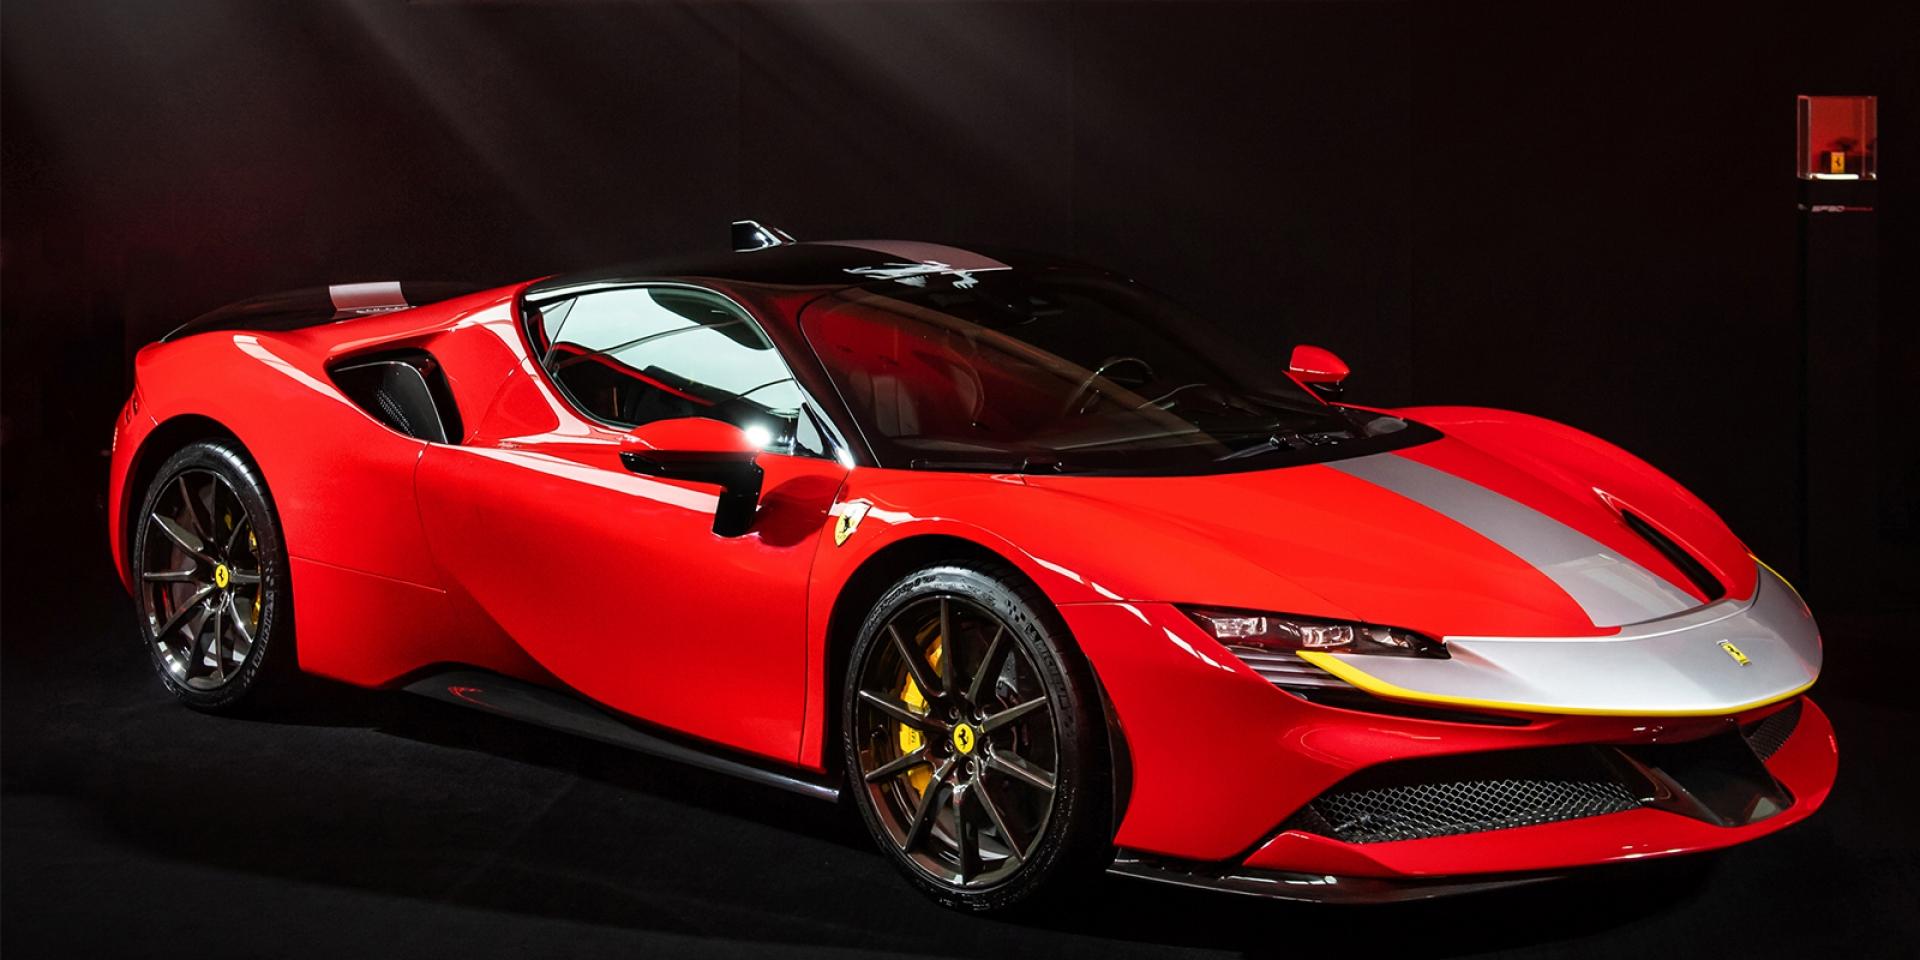 躍馬品牌全新跨世代量產超級跑車 Ferrari SF90 Stradale旋風襲臺!